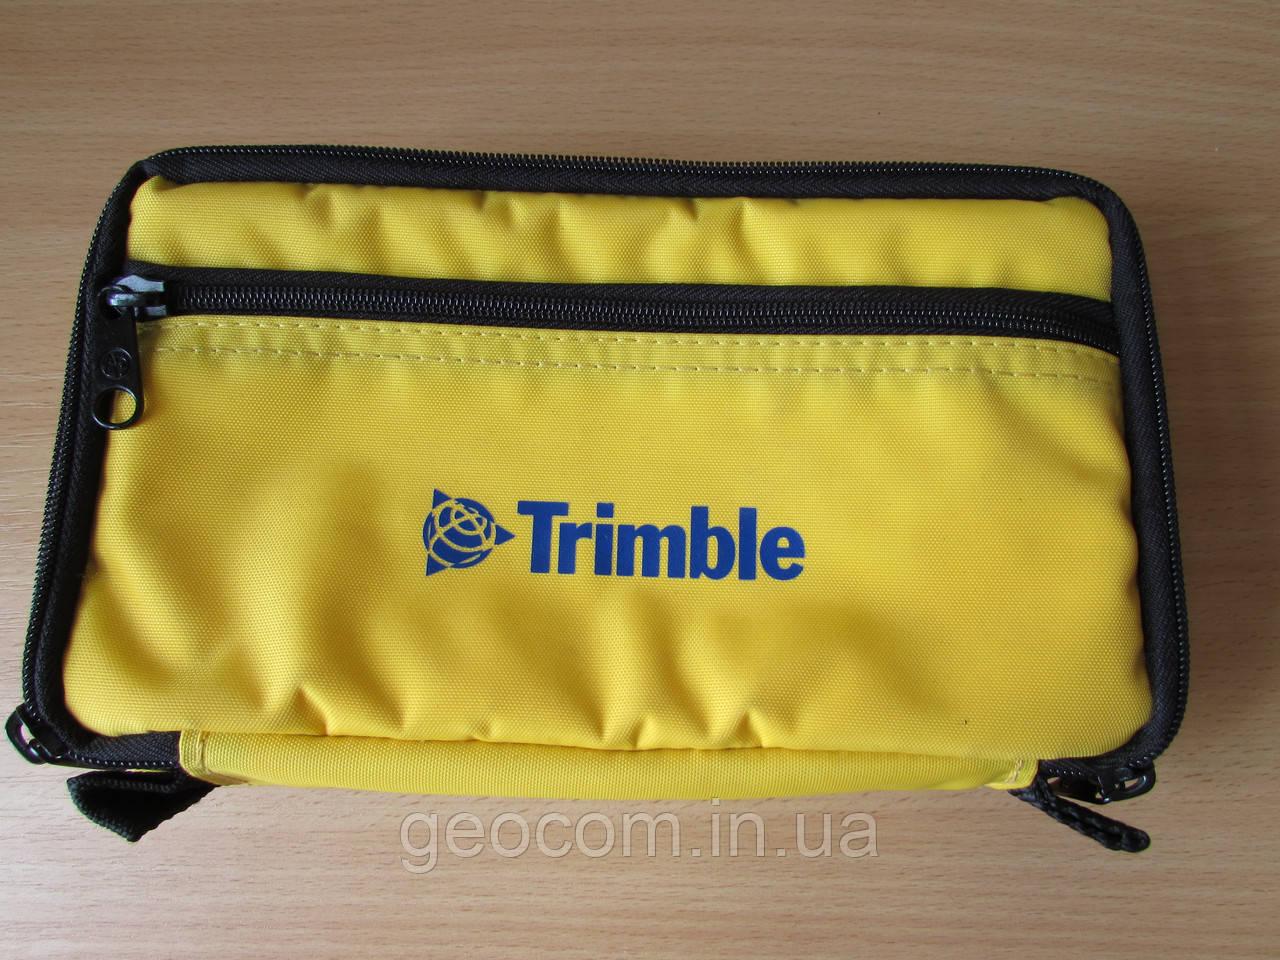 Сумка для контроллеров Trimble